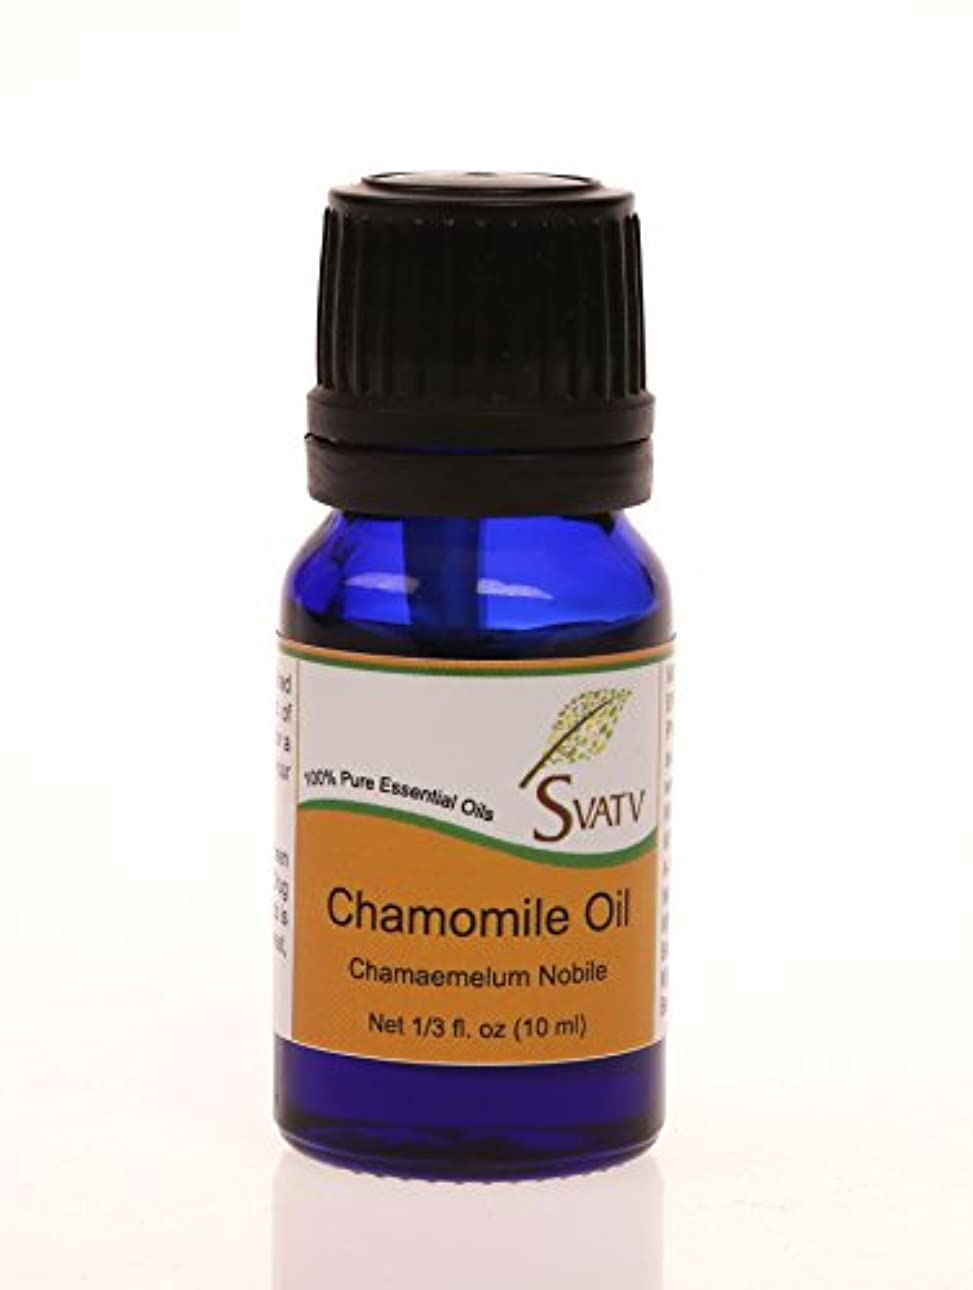 暖炉ナイロン経過SVATVカモミール(Chamaemelum nobile)エッセンシャルオイル10mL(1/3オンス)100%純粋で無希釈、治療グレード